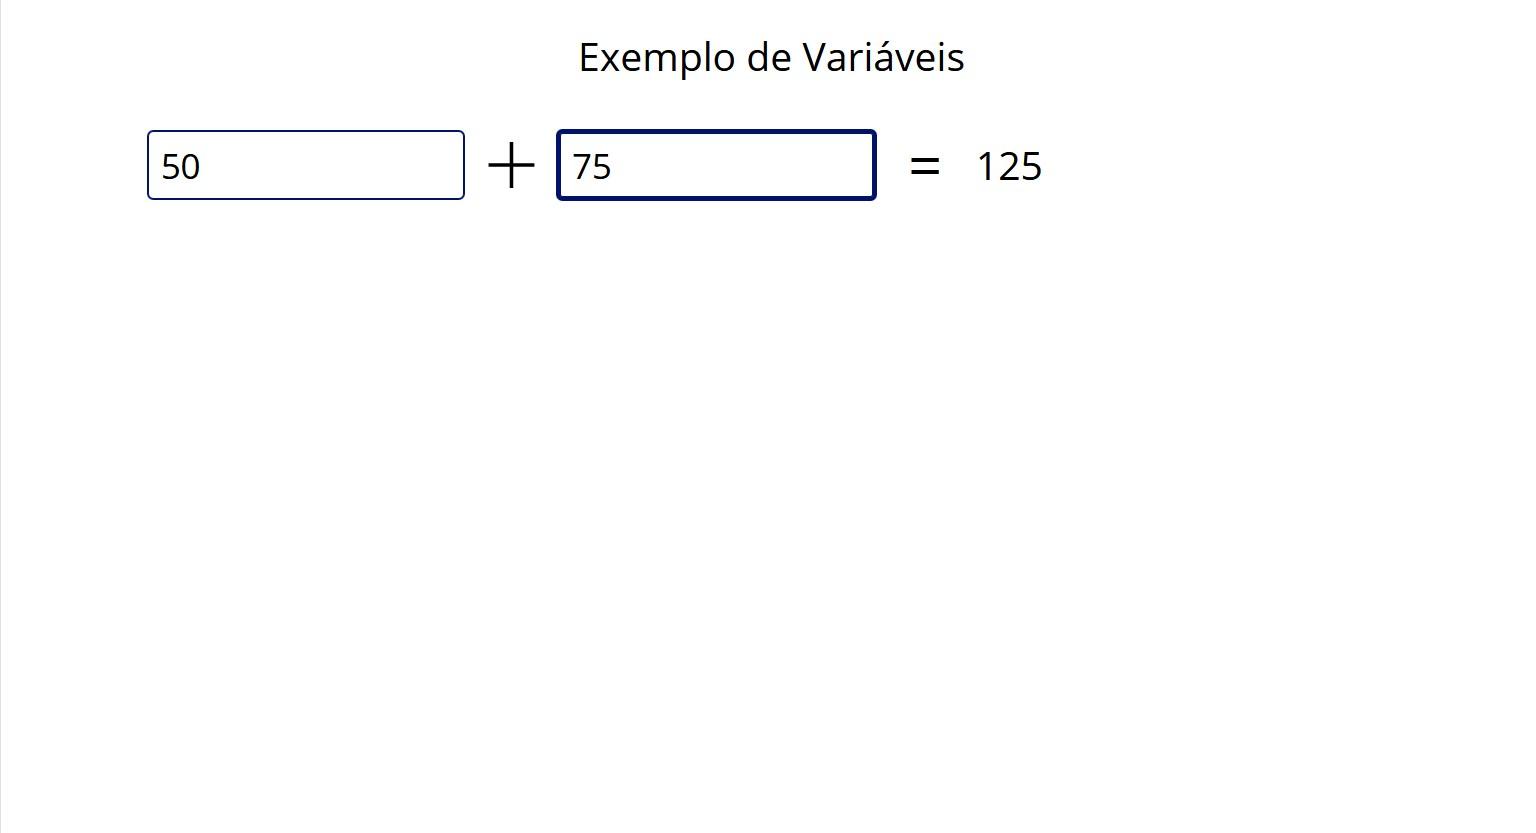 formula-resultado-no-power-apps-eng-dtp-multimidia